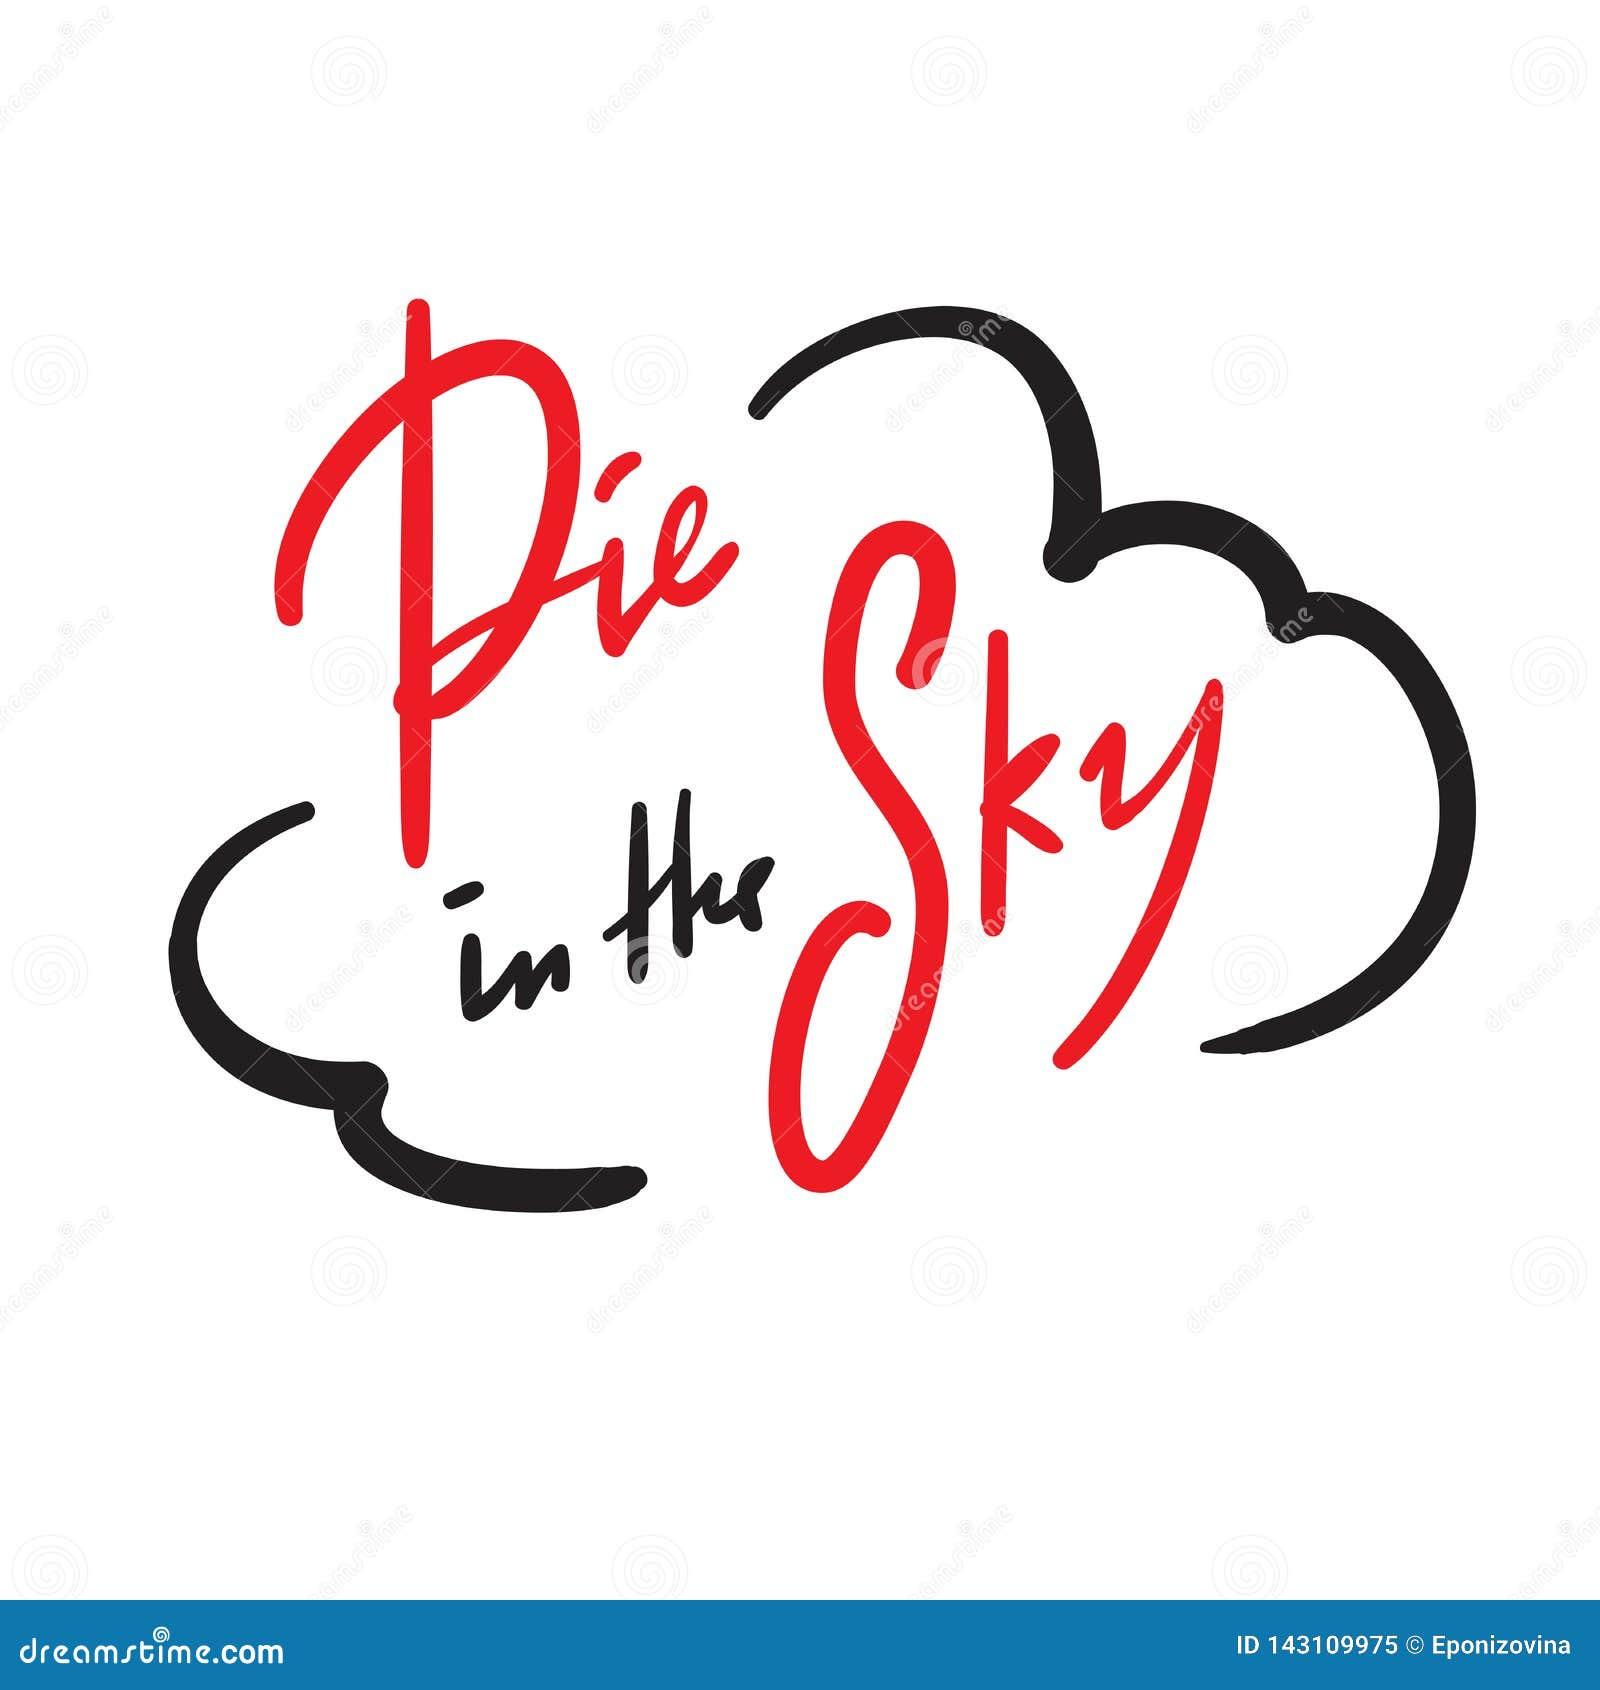 Torta no céu - simples inspire e citações inspiradores Frase escrita à mão slang cópia